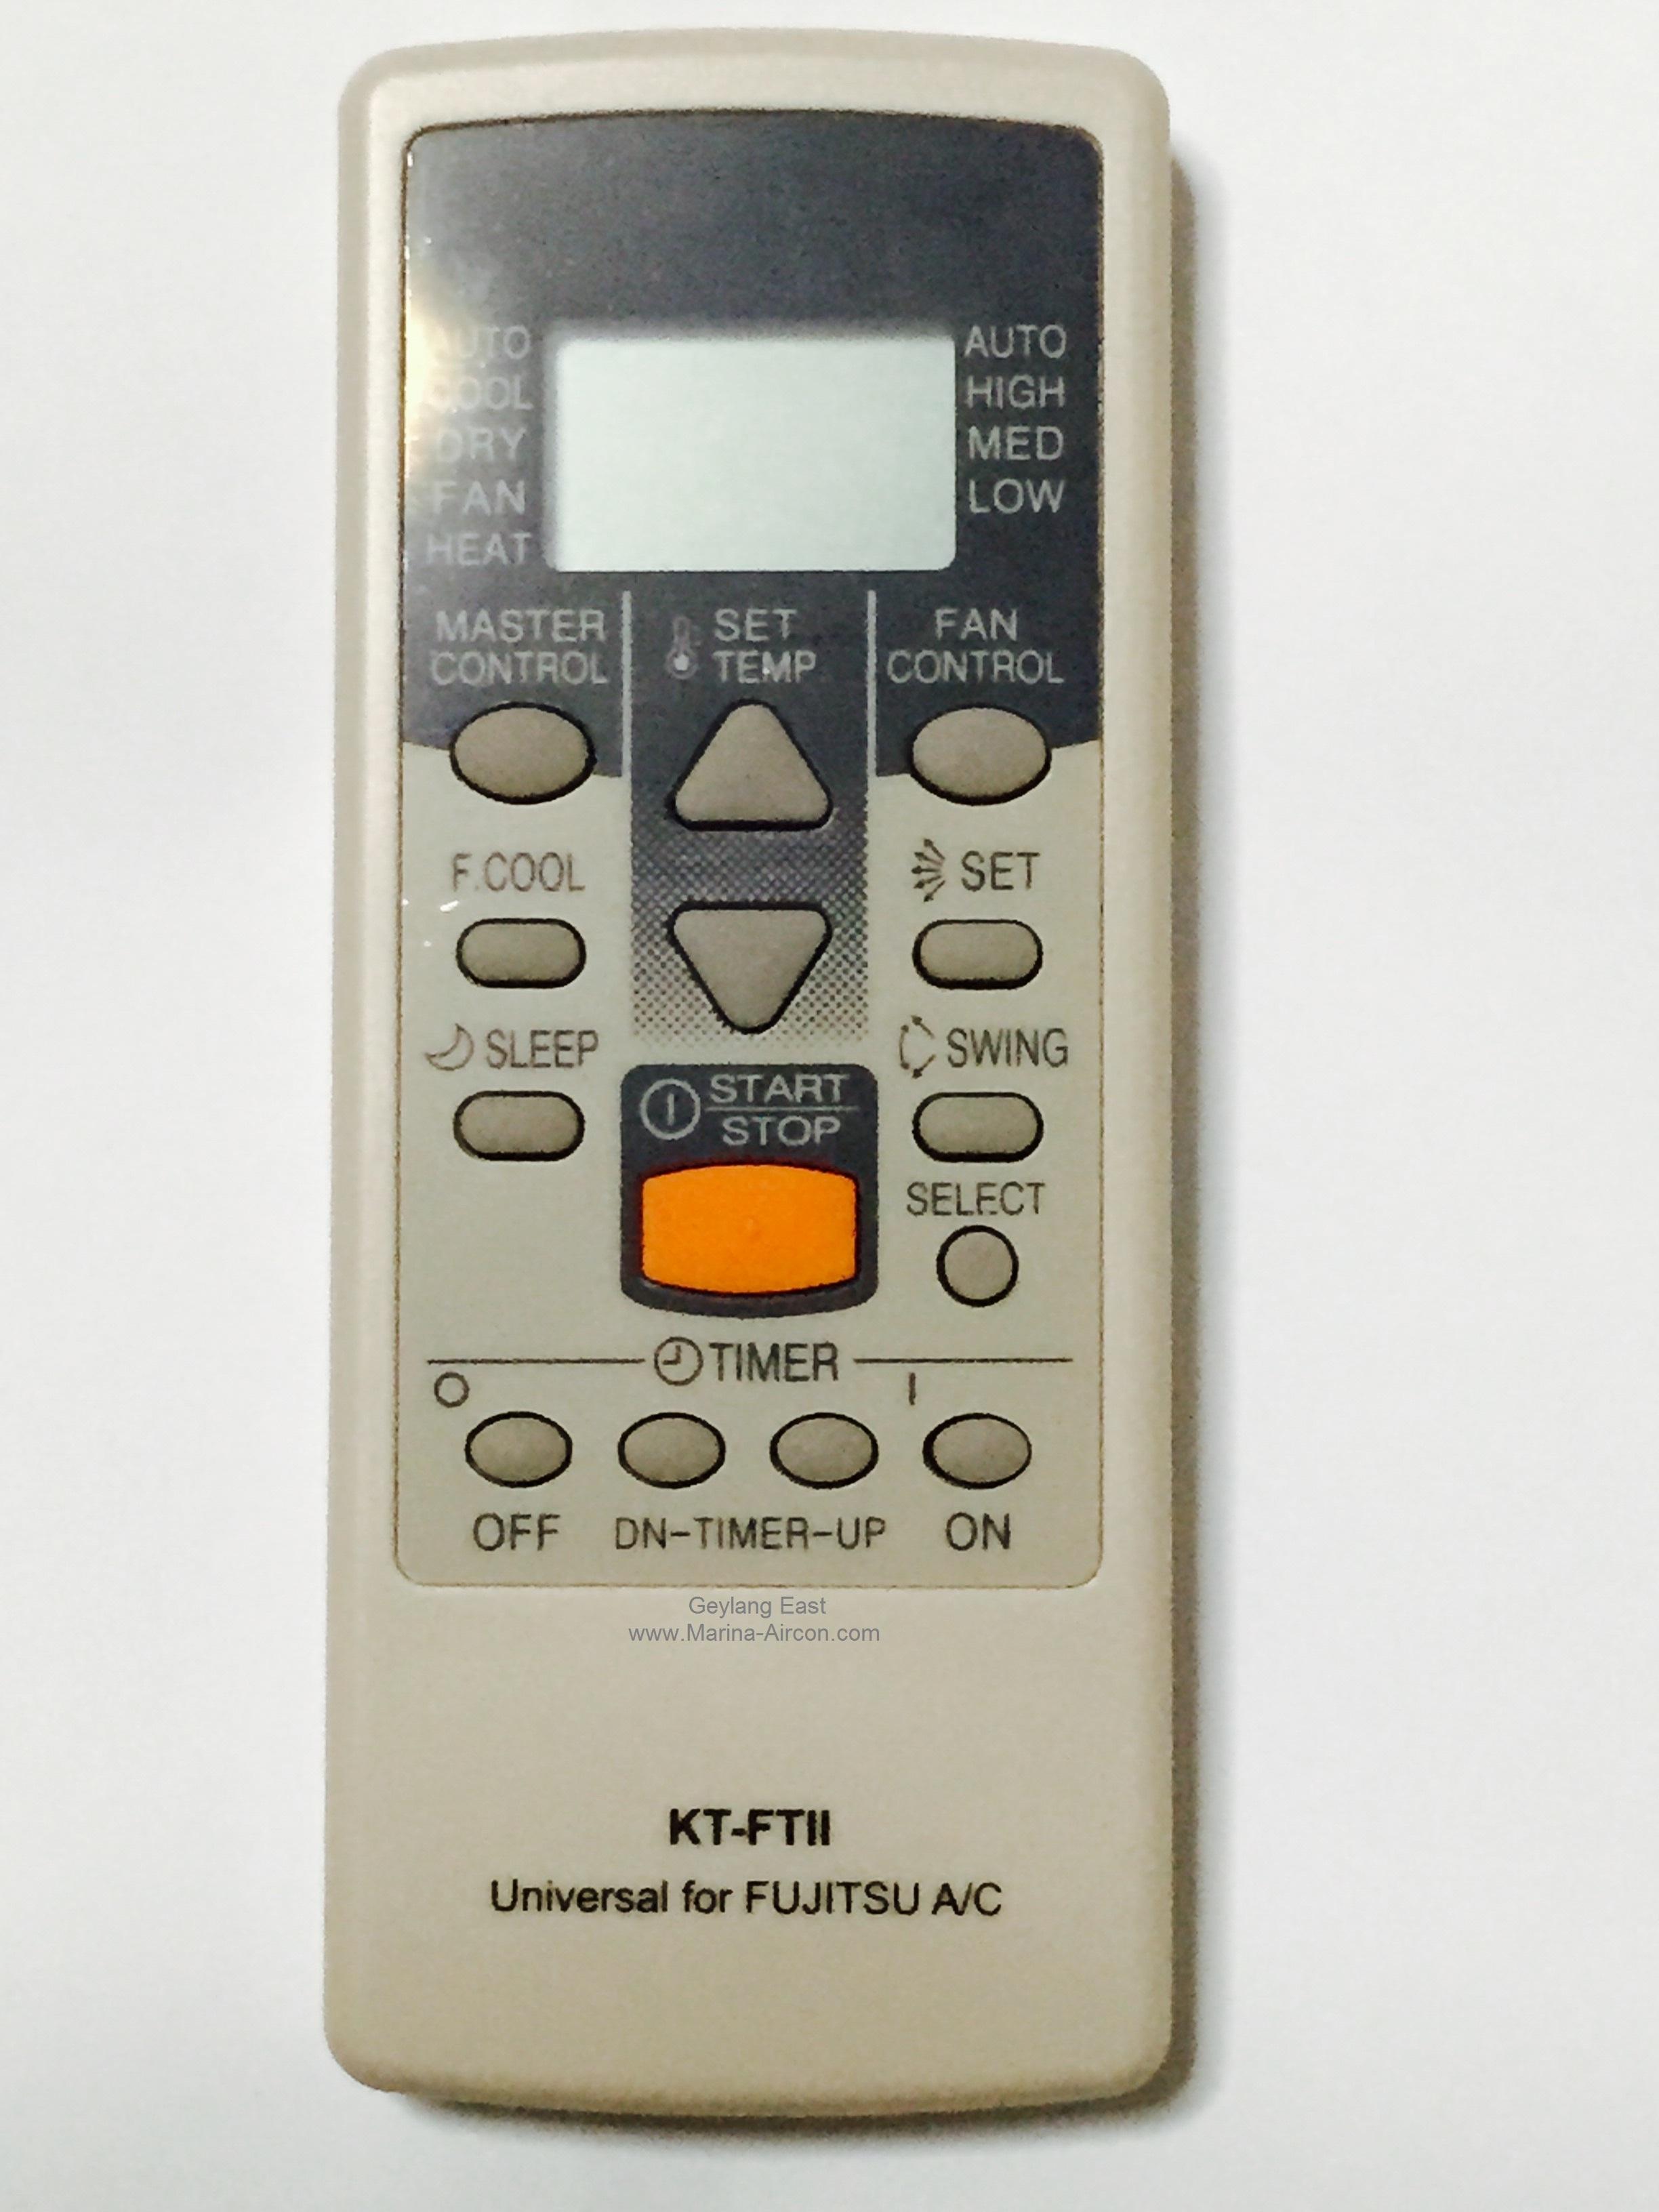 ★Local Shop★(1 MONTH WARRANTY) Fujitsu AirCon Remote Control A/C Air Con  Air-Conditioner (Universal)